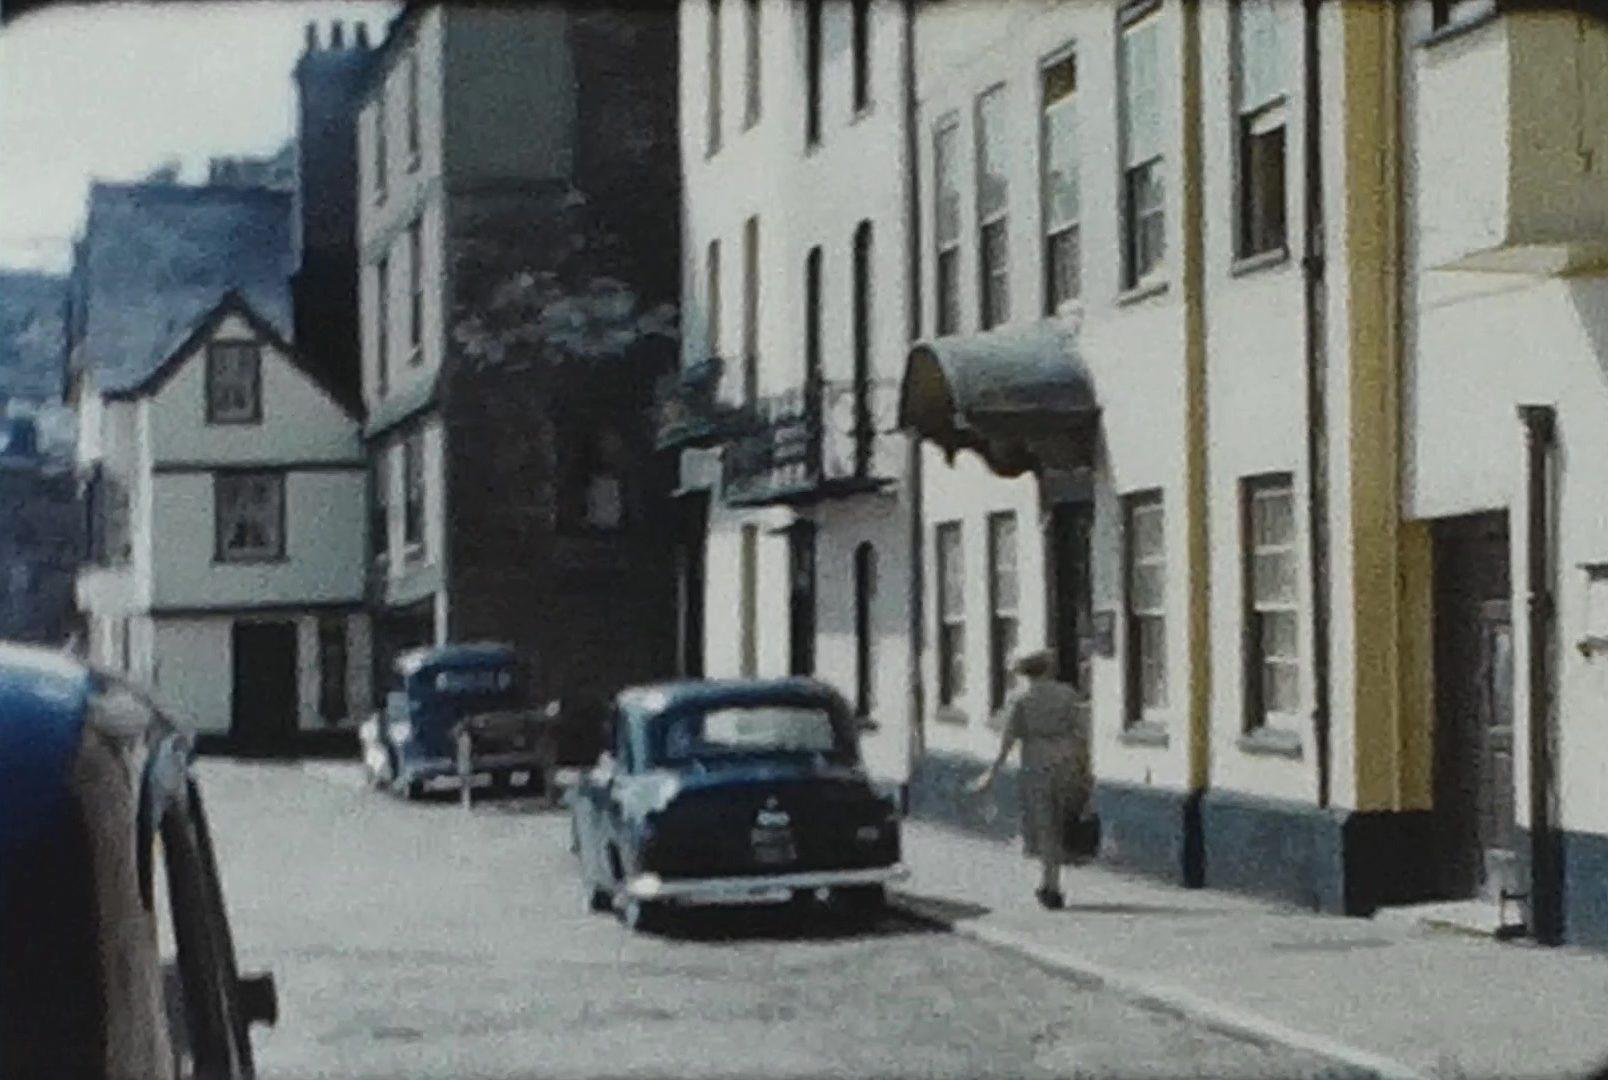 A seaside town in 1959